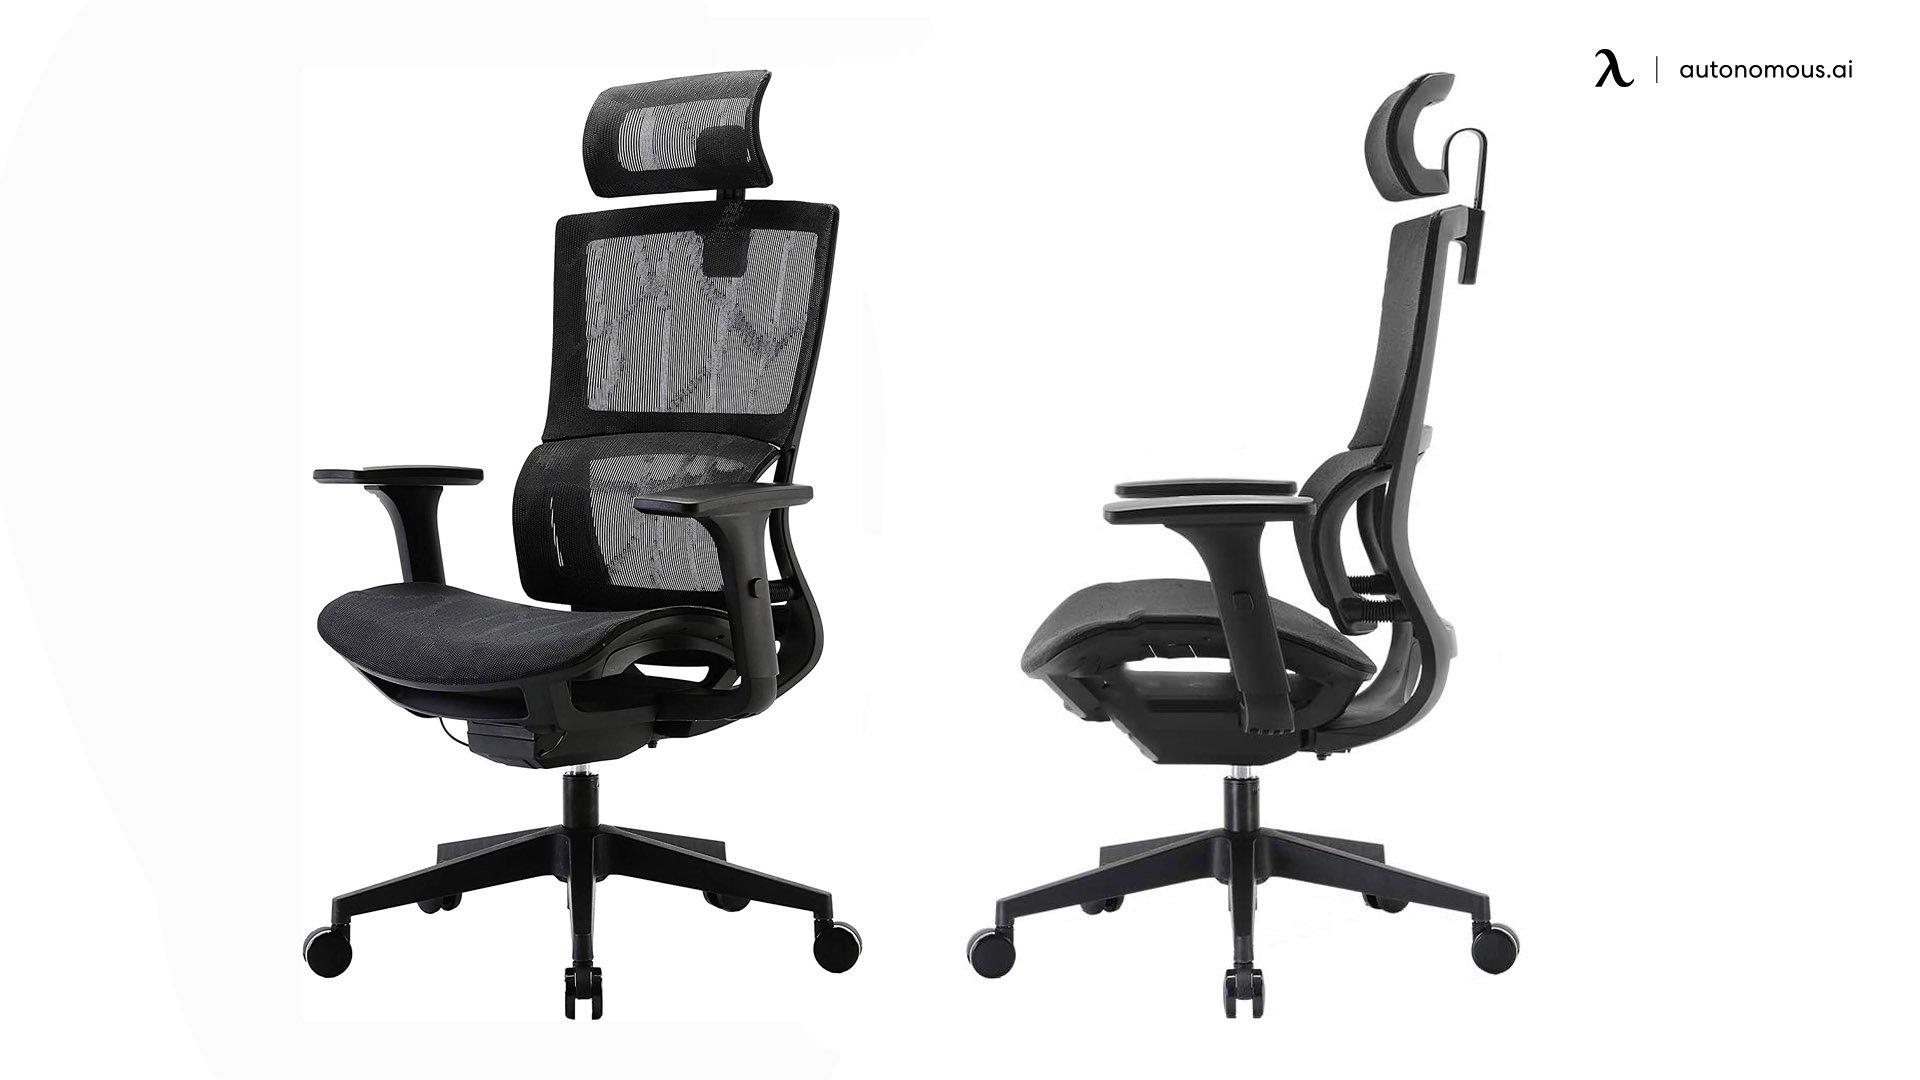 XUER Ergonomics Office Desk Chair